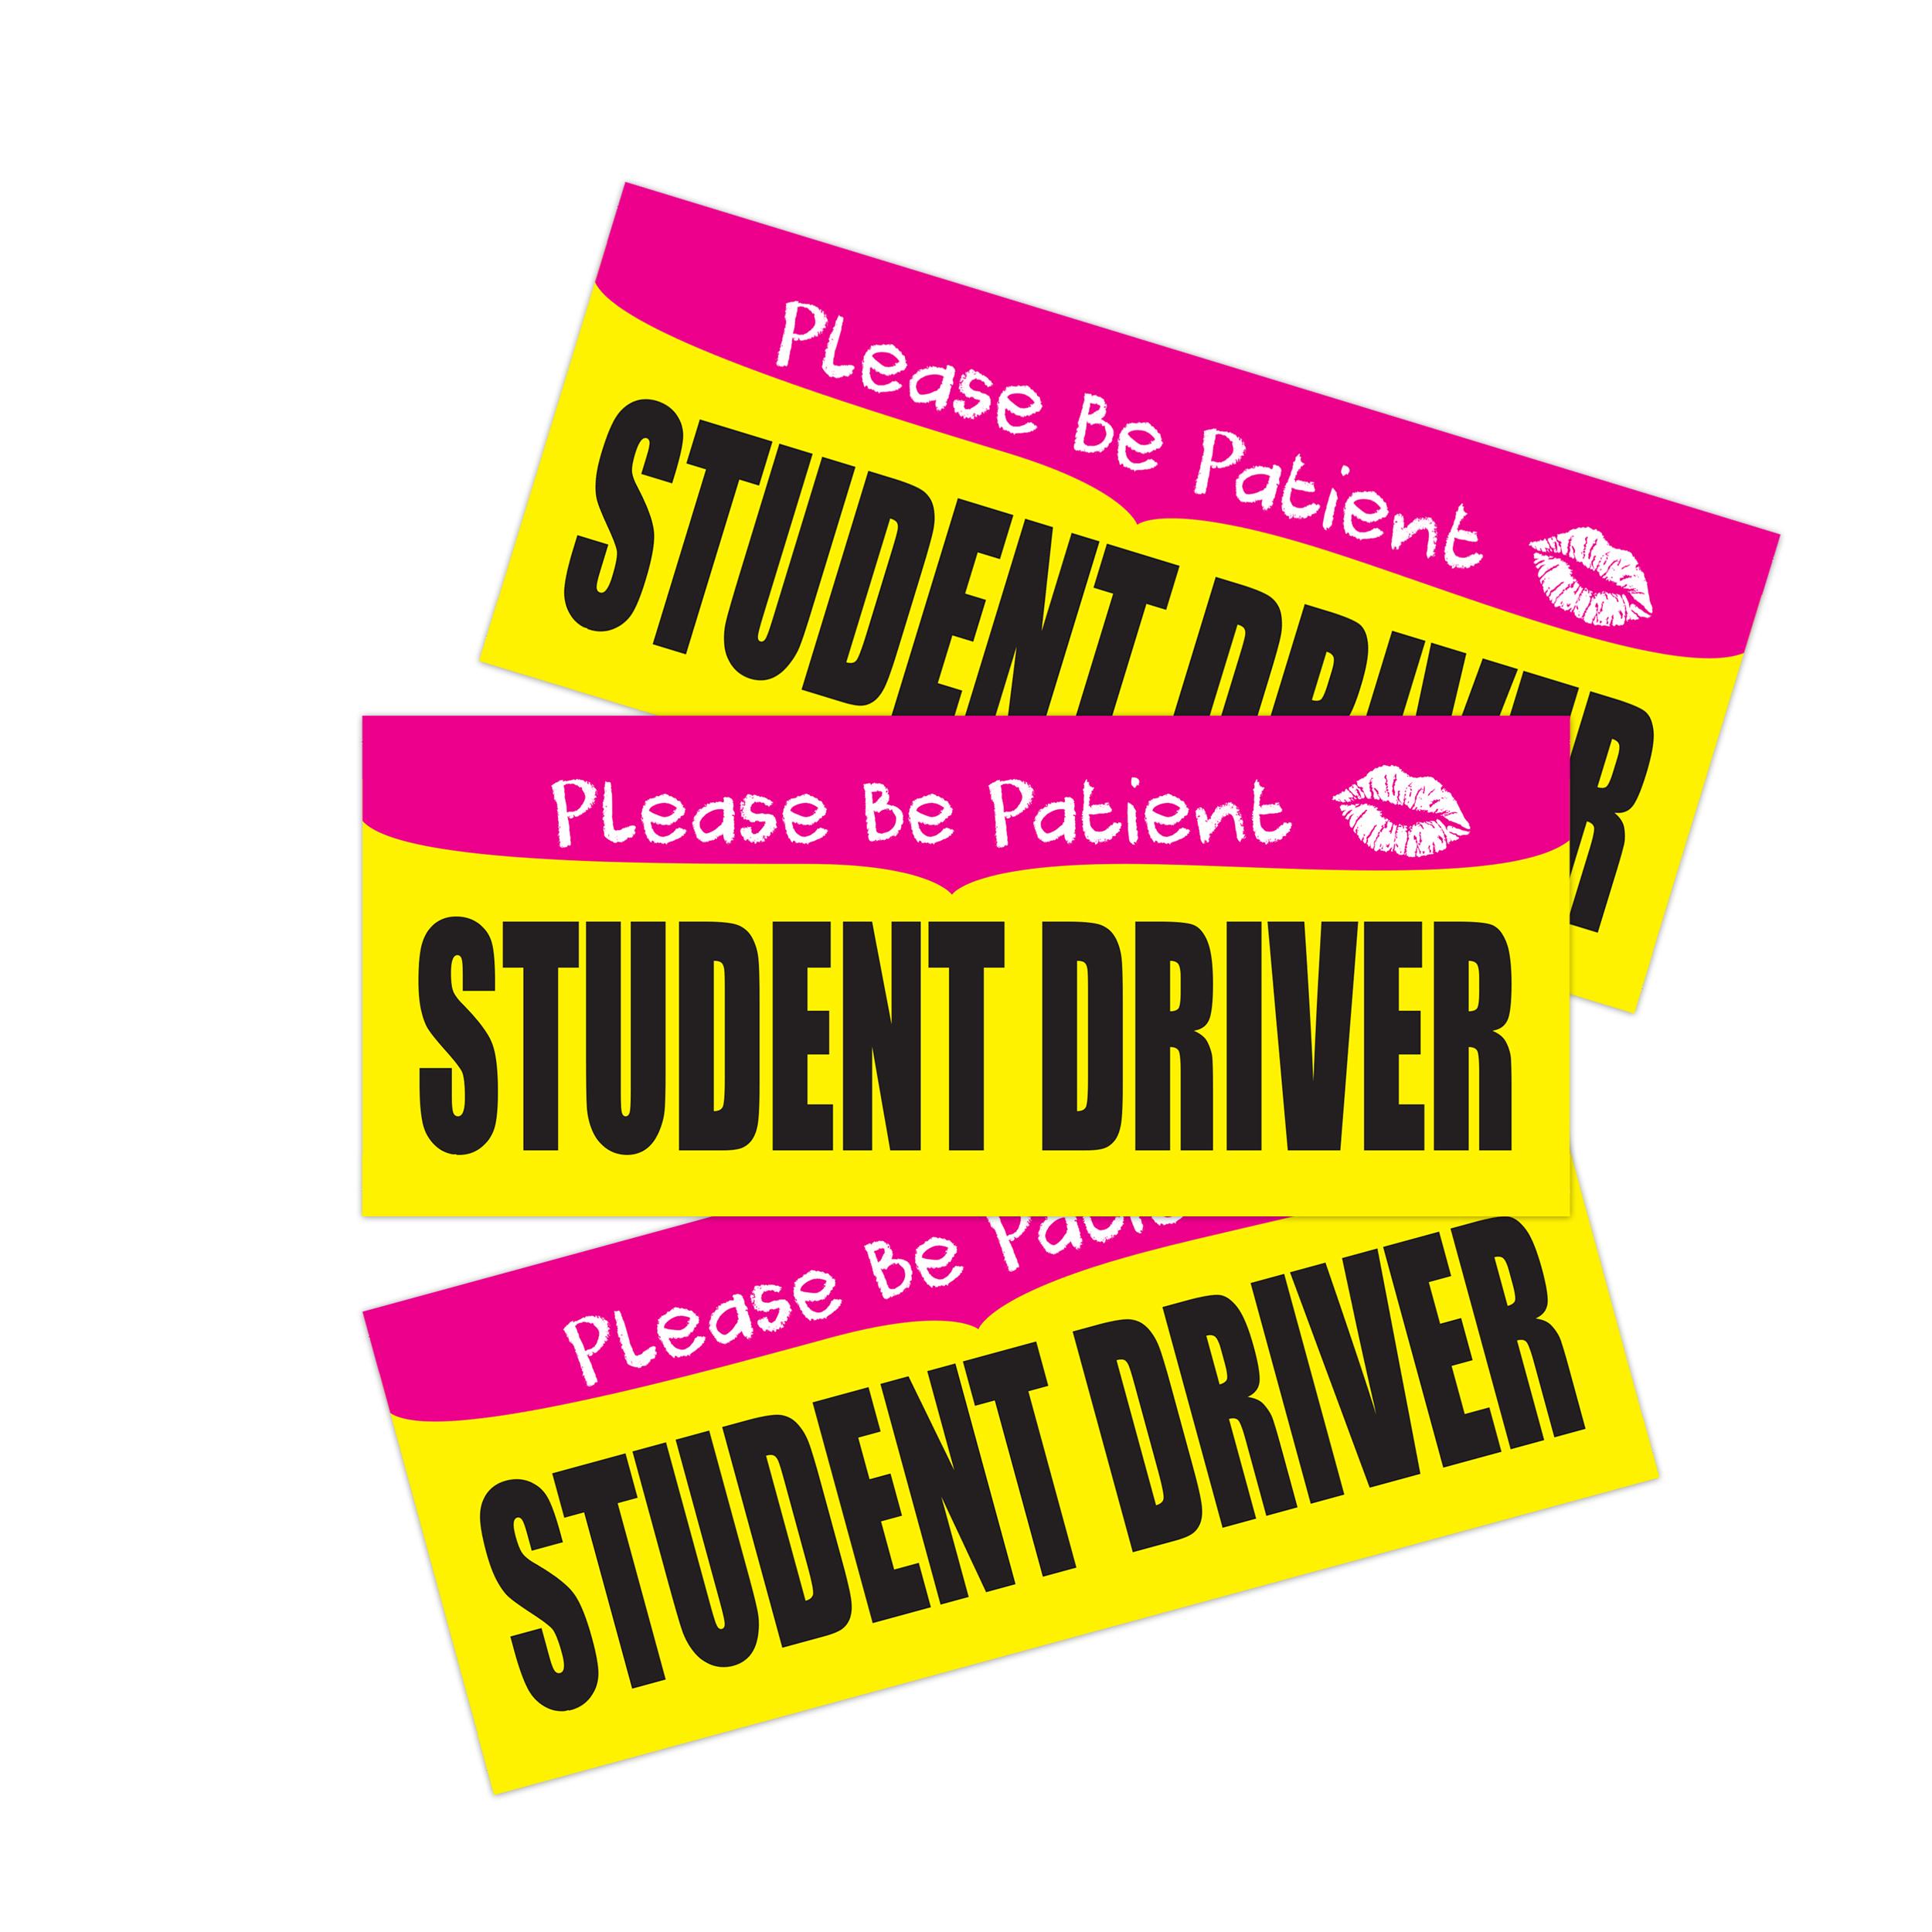 שילוט לרכב - סטודנט לנהיגה - מגנט  3 יחידות בחבילה